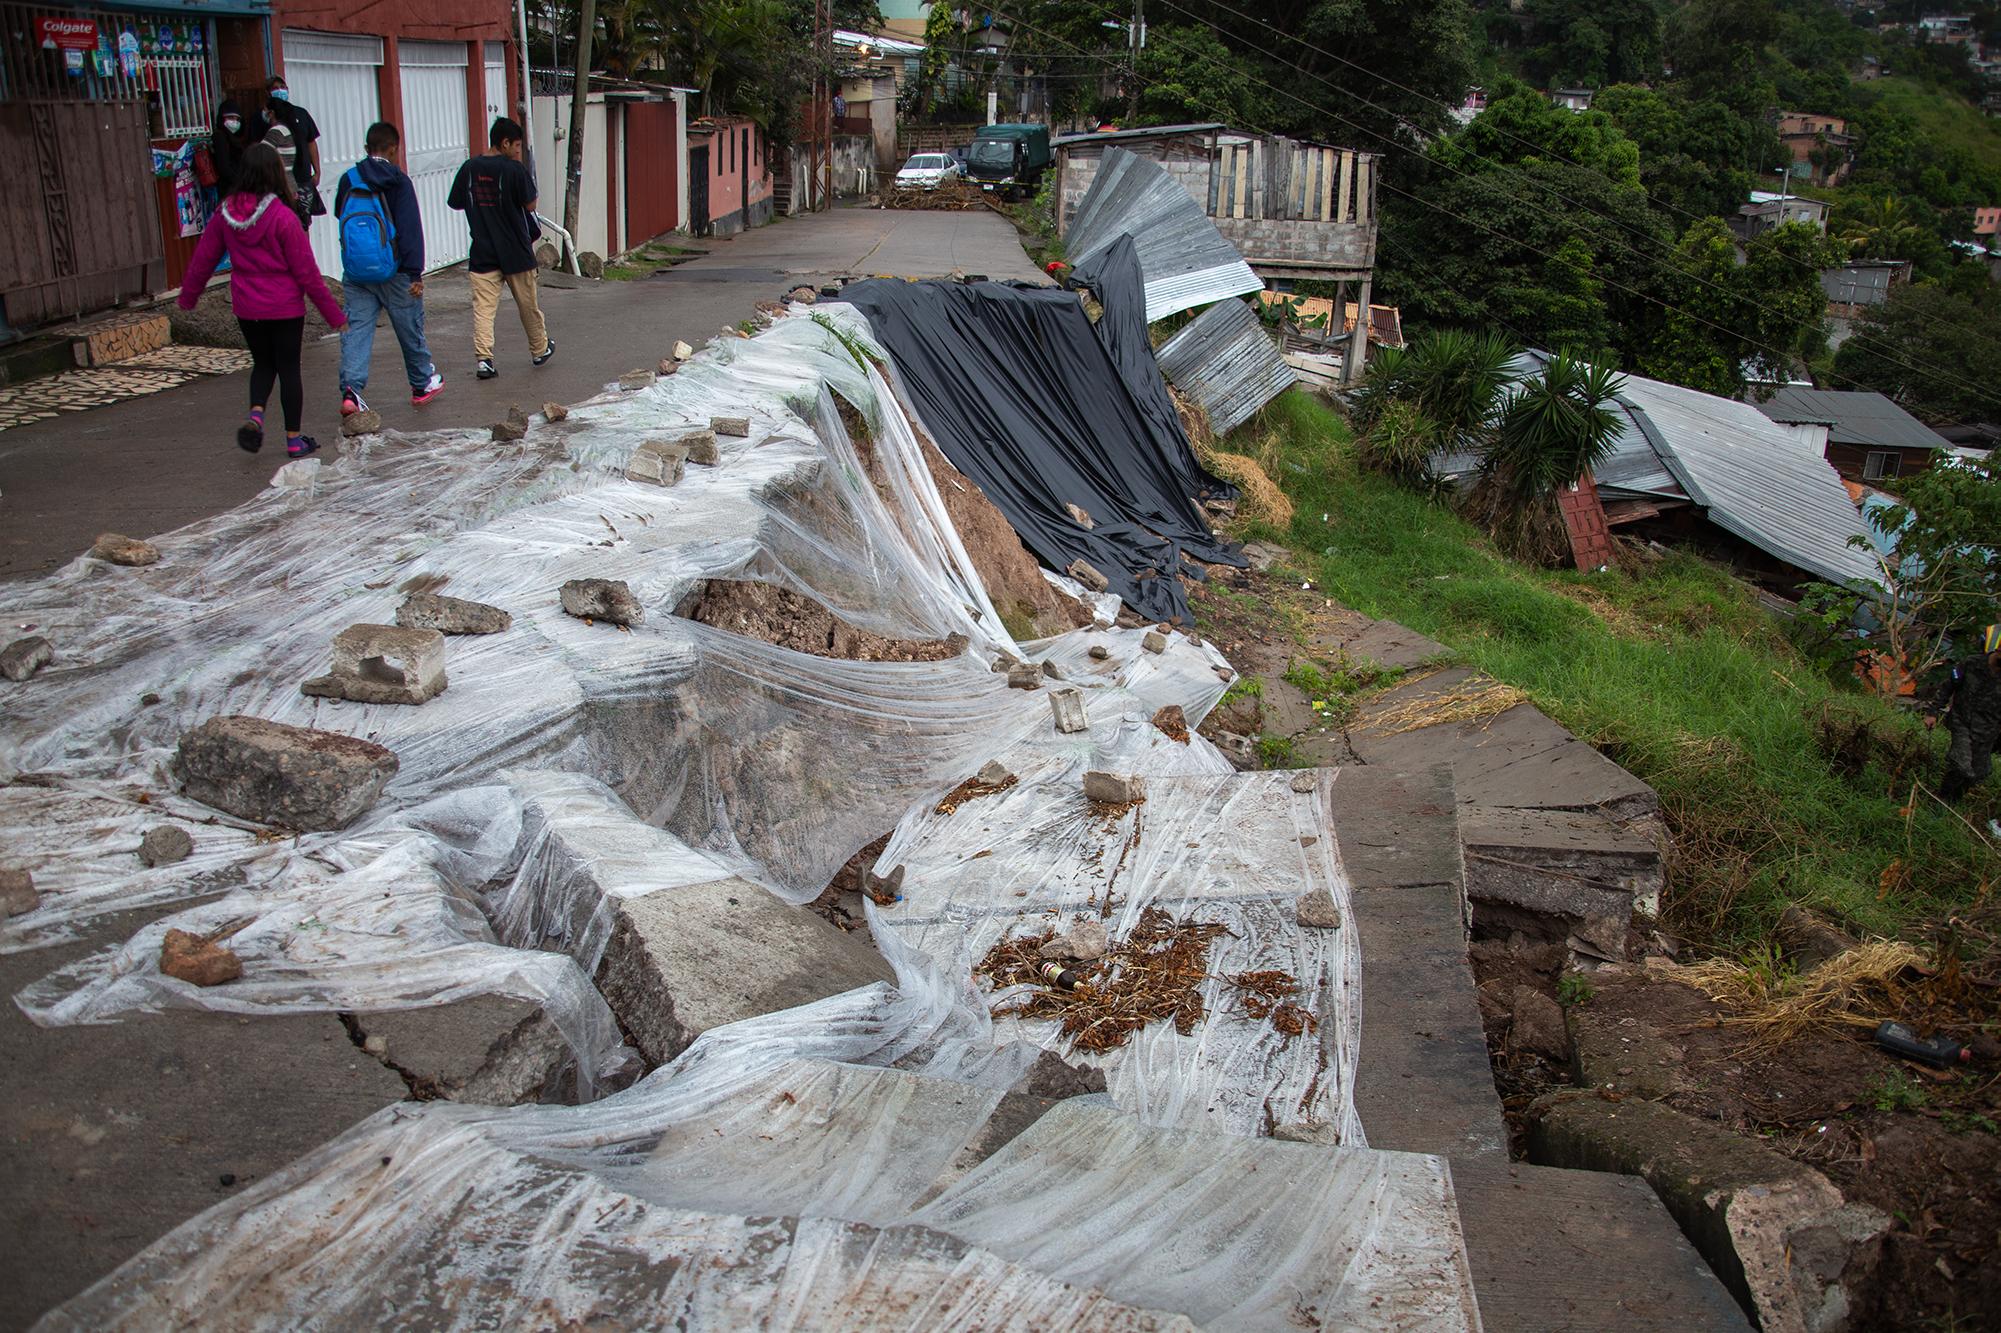 Las primeras lluvias del Huracán Eta provocaron que una calle se hundiera en el Barrio El Reparto de la capital hondureña. Tegucigalpa, 3 de noviembre de 2020. Foto: Martín Cálix.